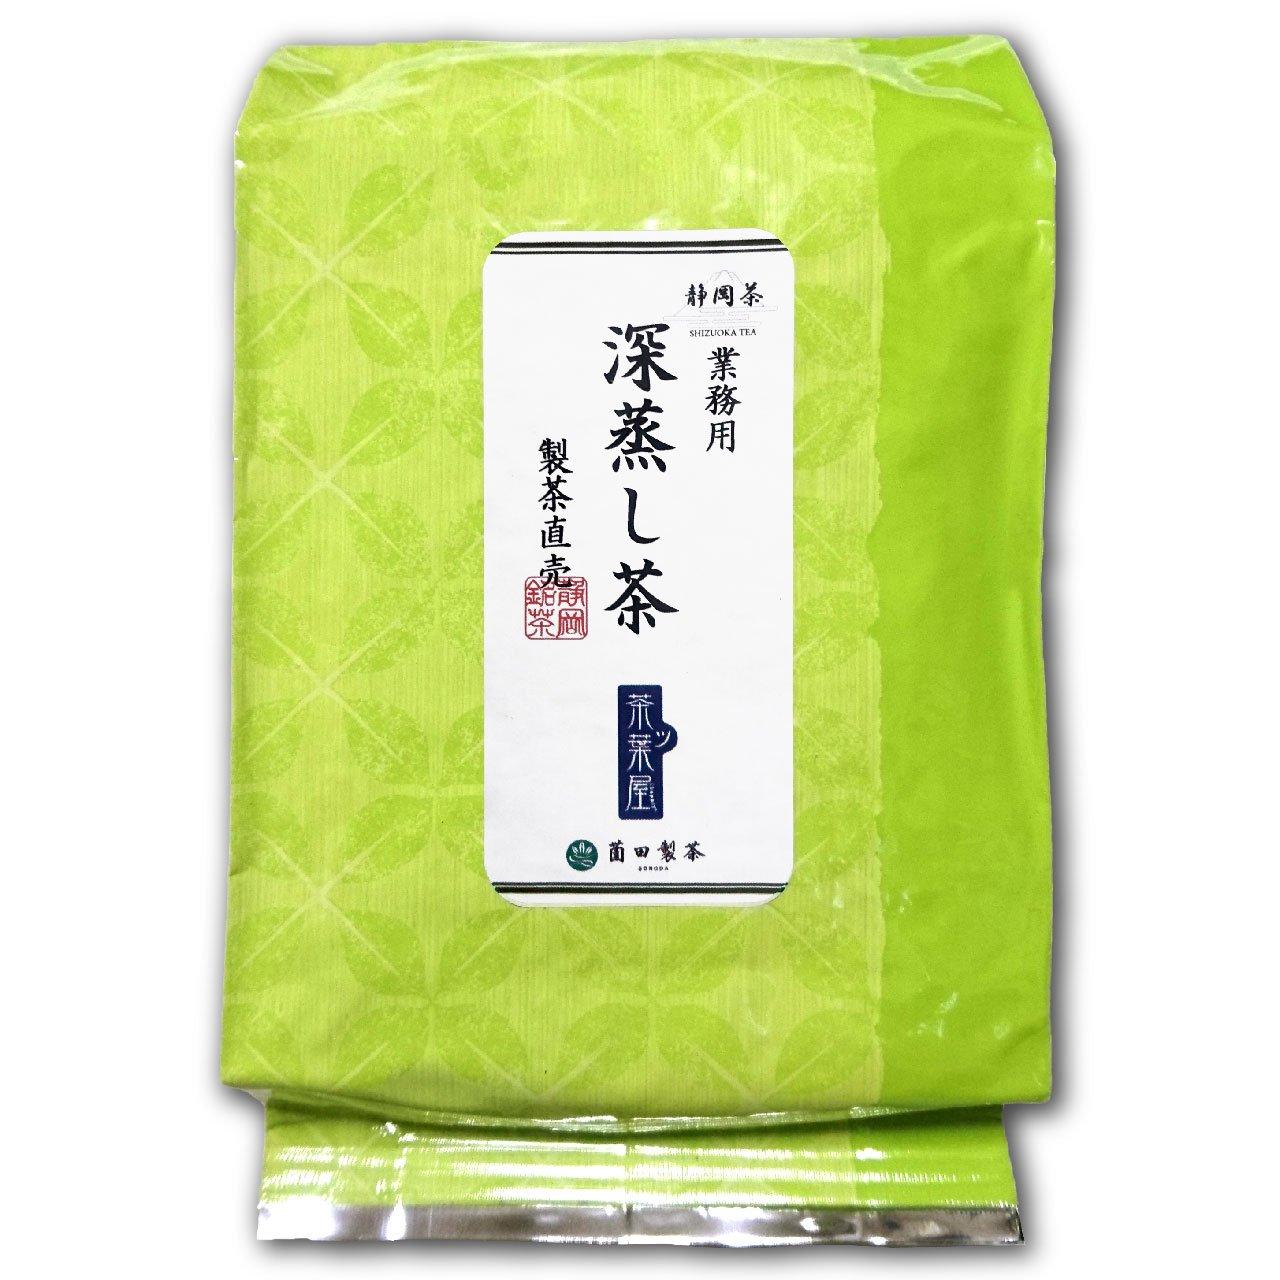 日本茶のおすすめ13選!ティーバッグや粉末タイプも